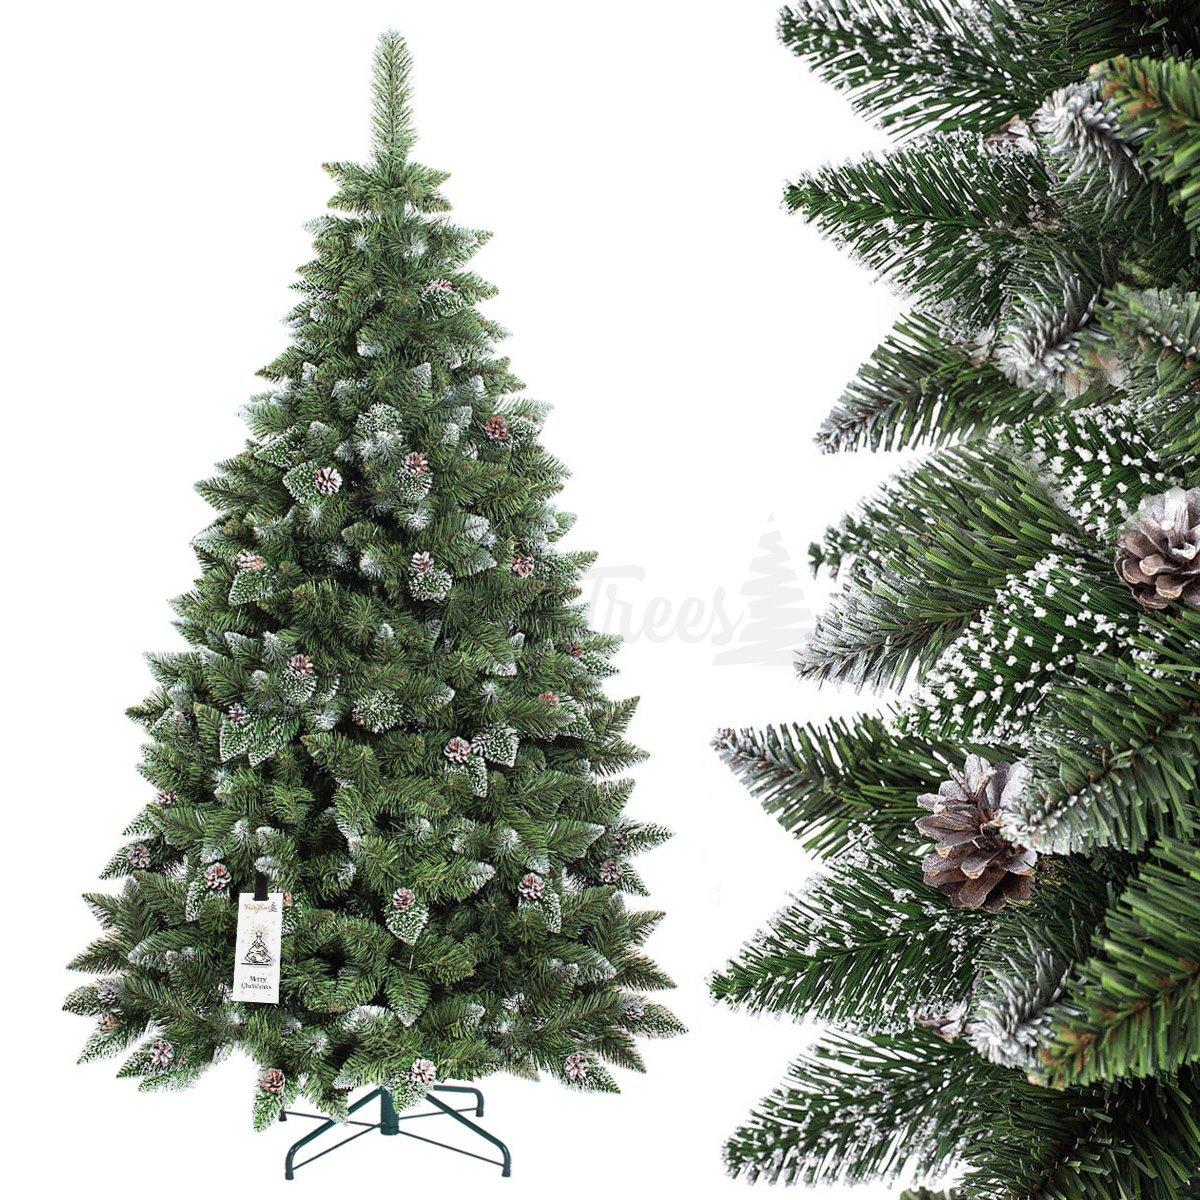 K nstlicher weihnachtsbaum kiefer natur weiss beschneit - Weihnachtsbaum kiefer ...